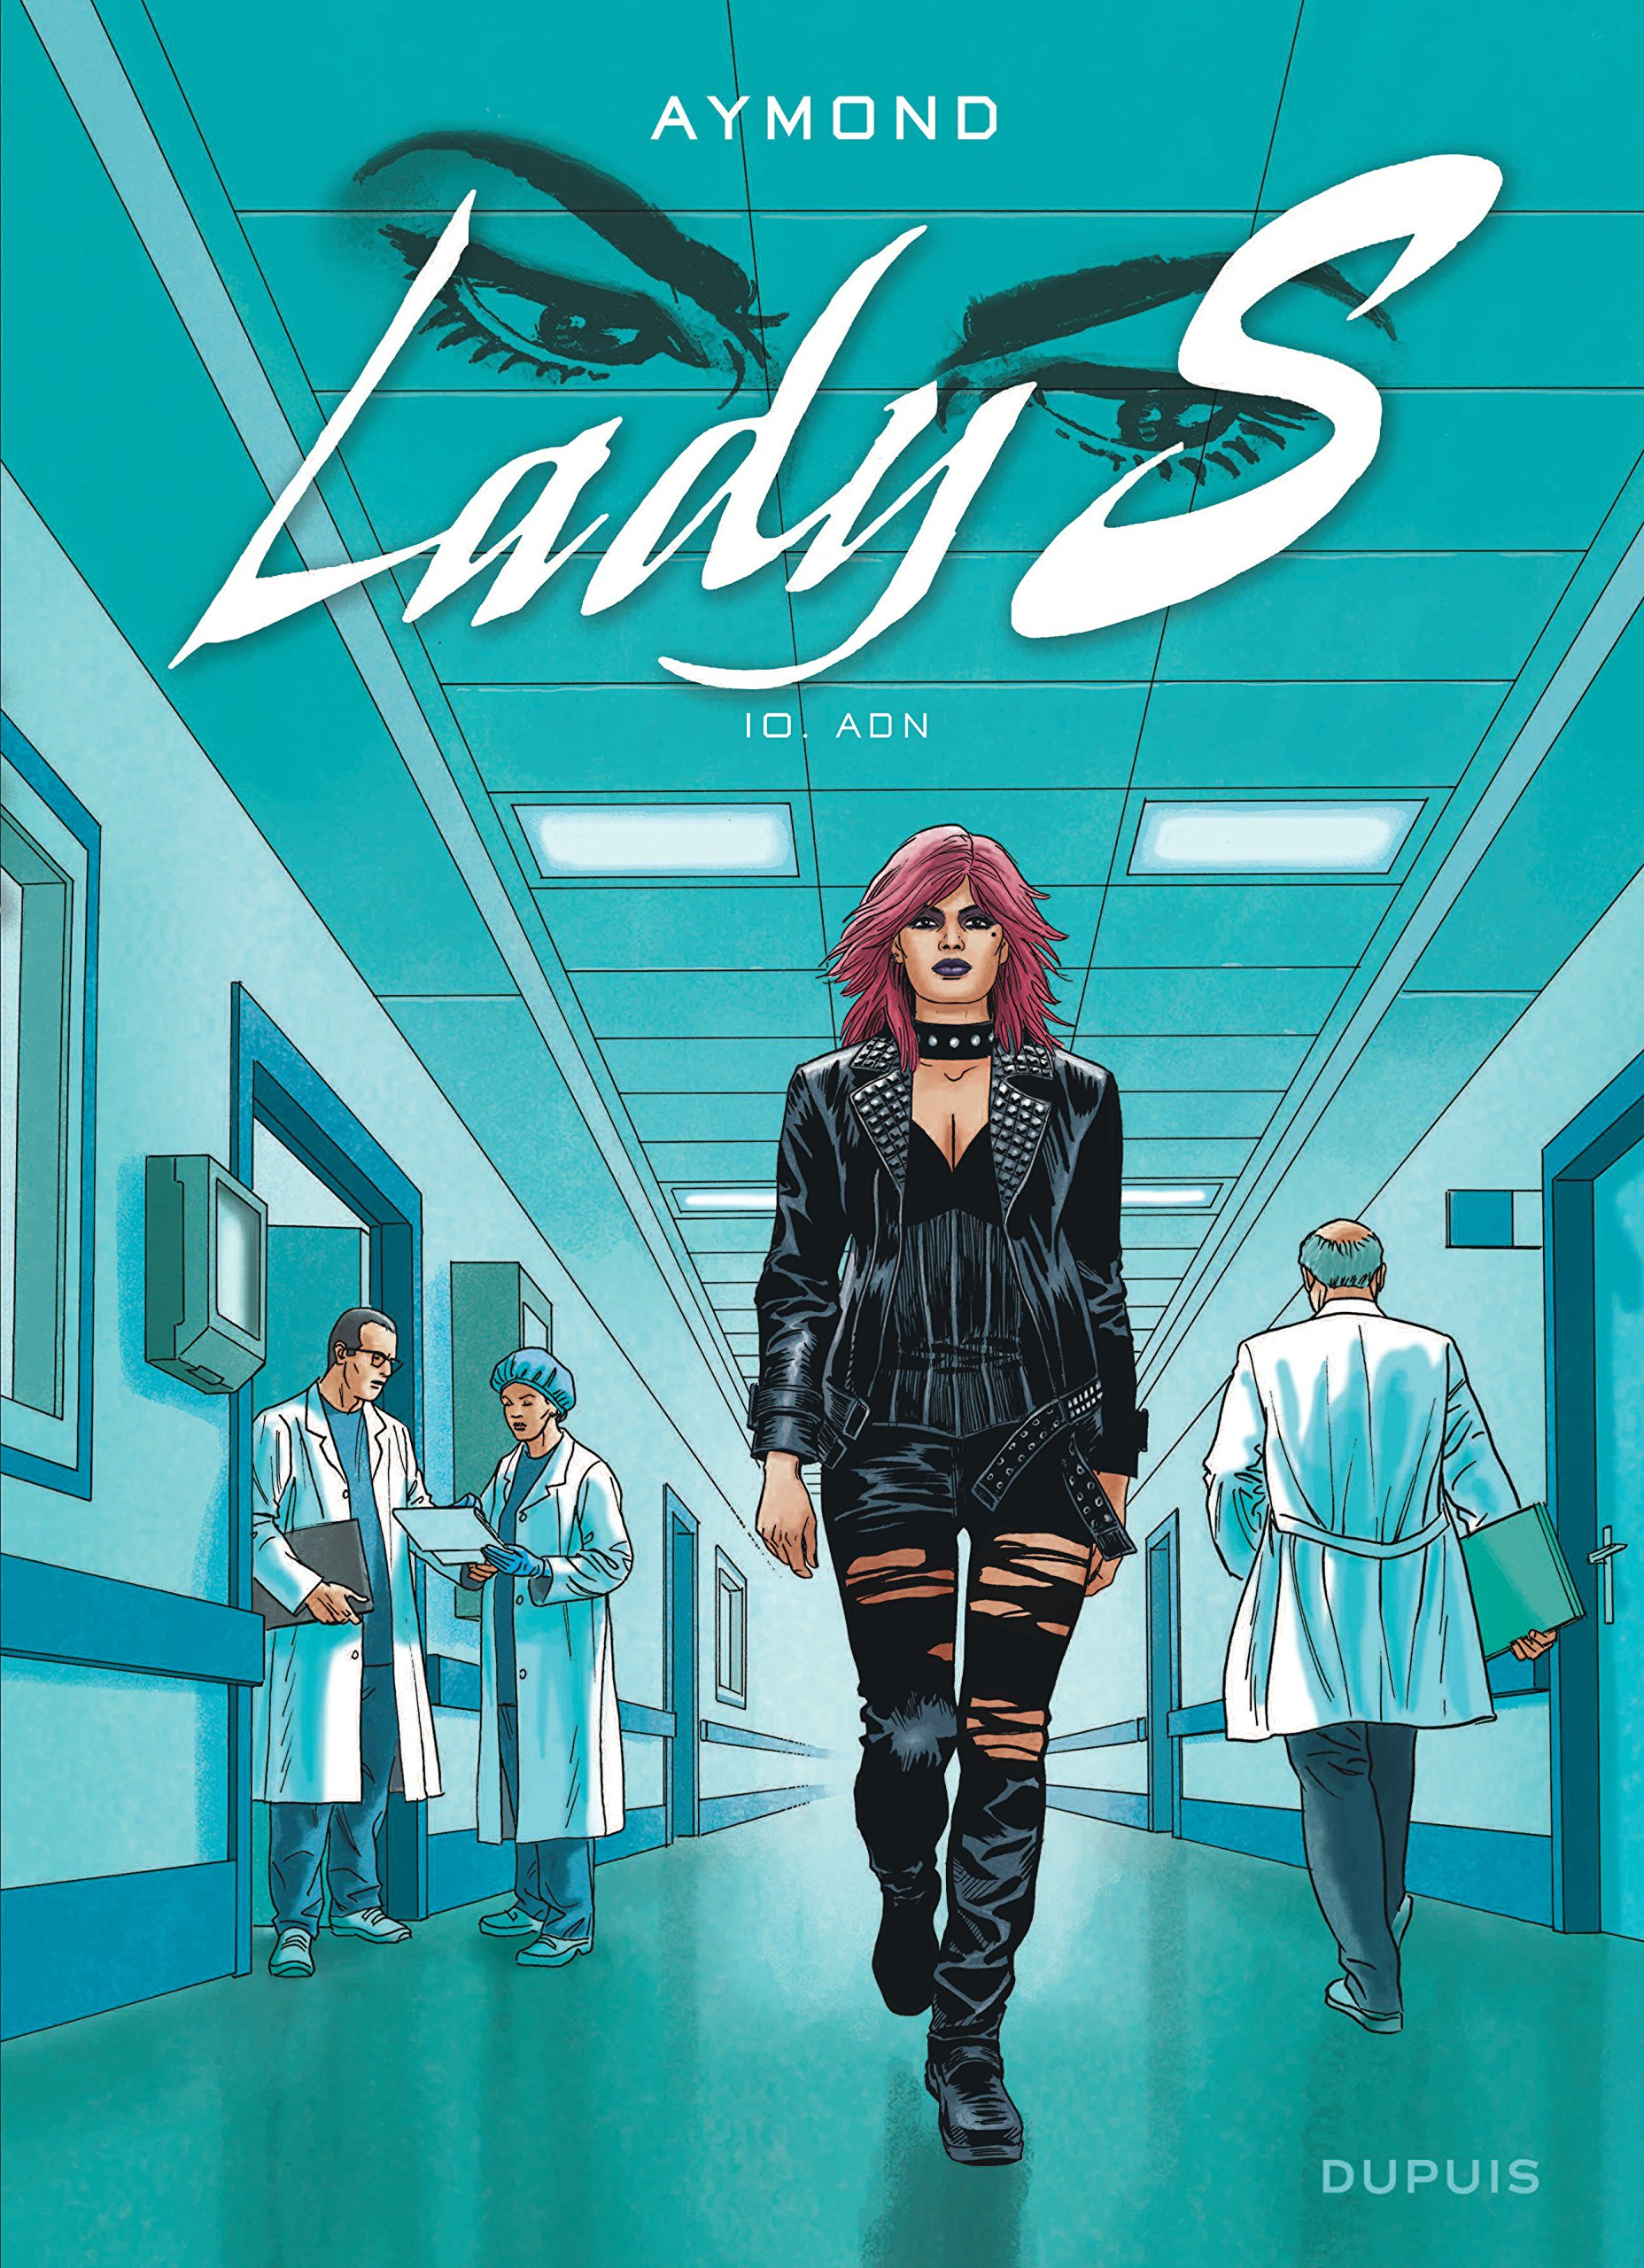 Lady S. - tome 10 - ADN Album – 13 novembre 2014 Aymond Philippe Dupuis 280016252X Action et aventures